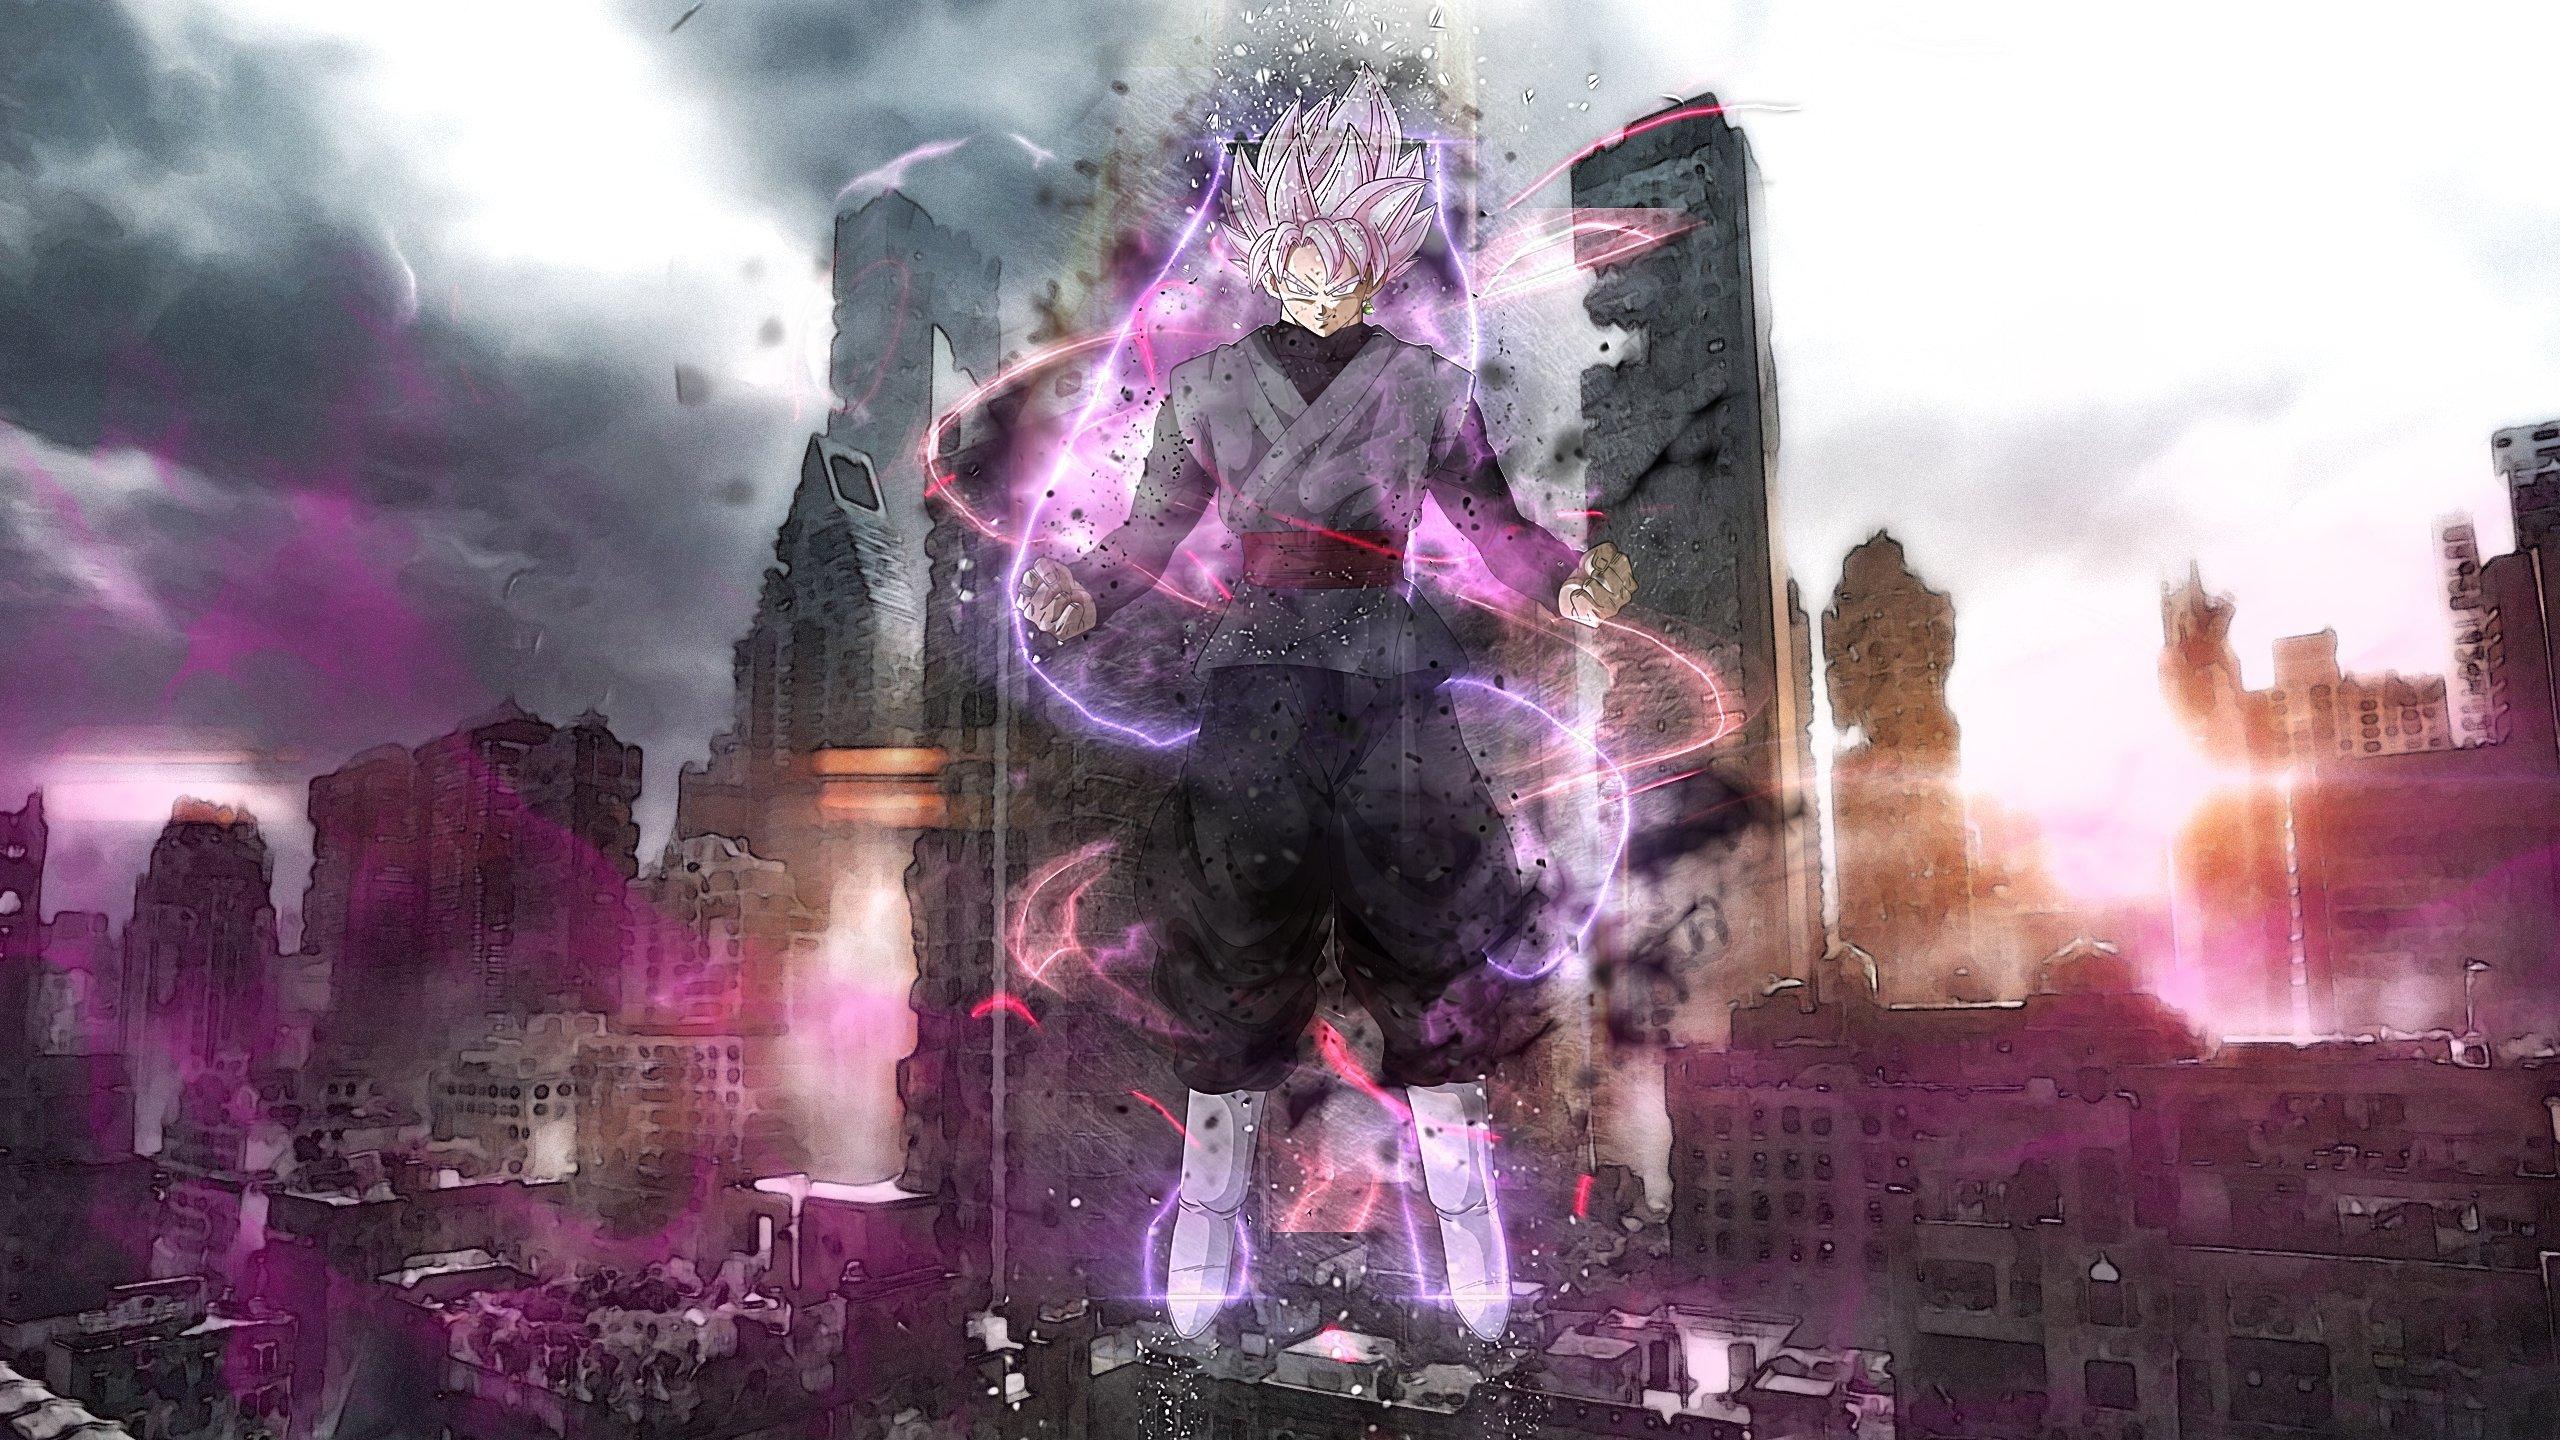 Fondos de pantalla Anime Super Saiyan Rosado Black Goku Dragon Ball Super